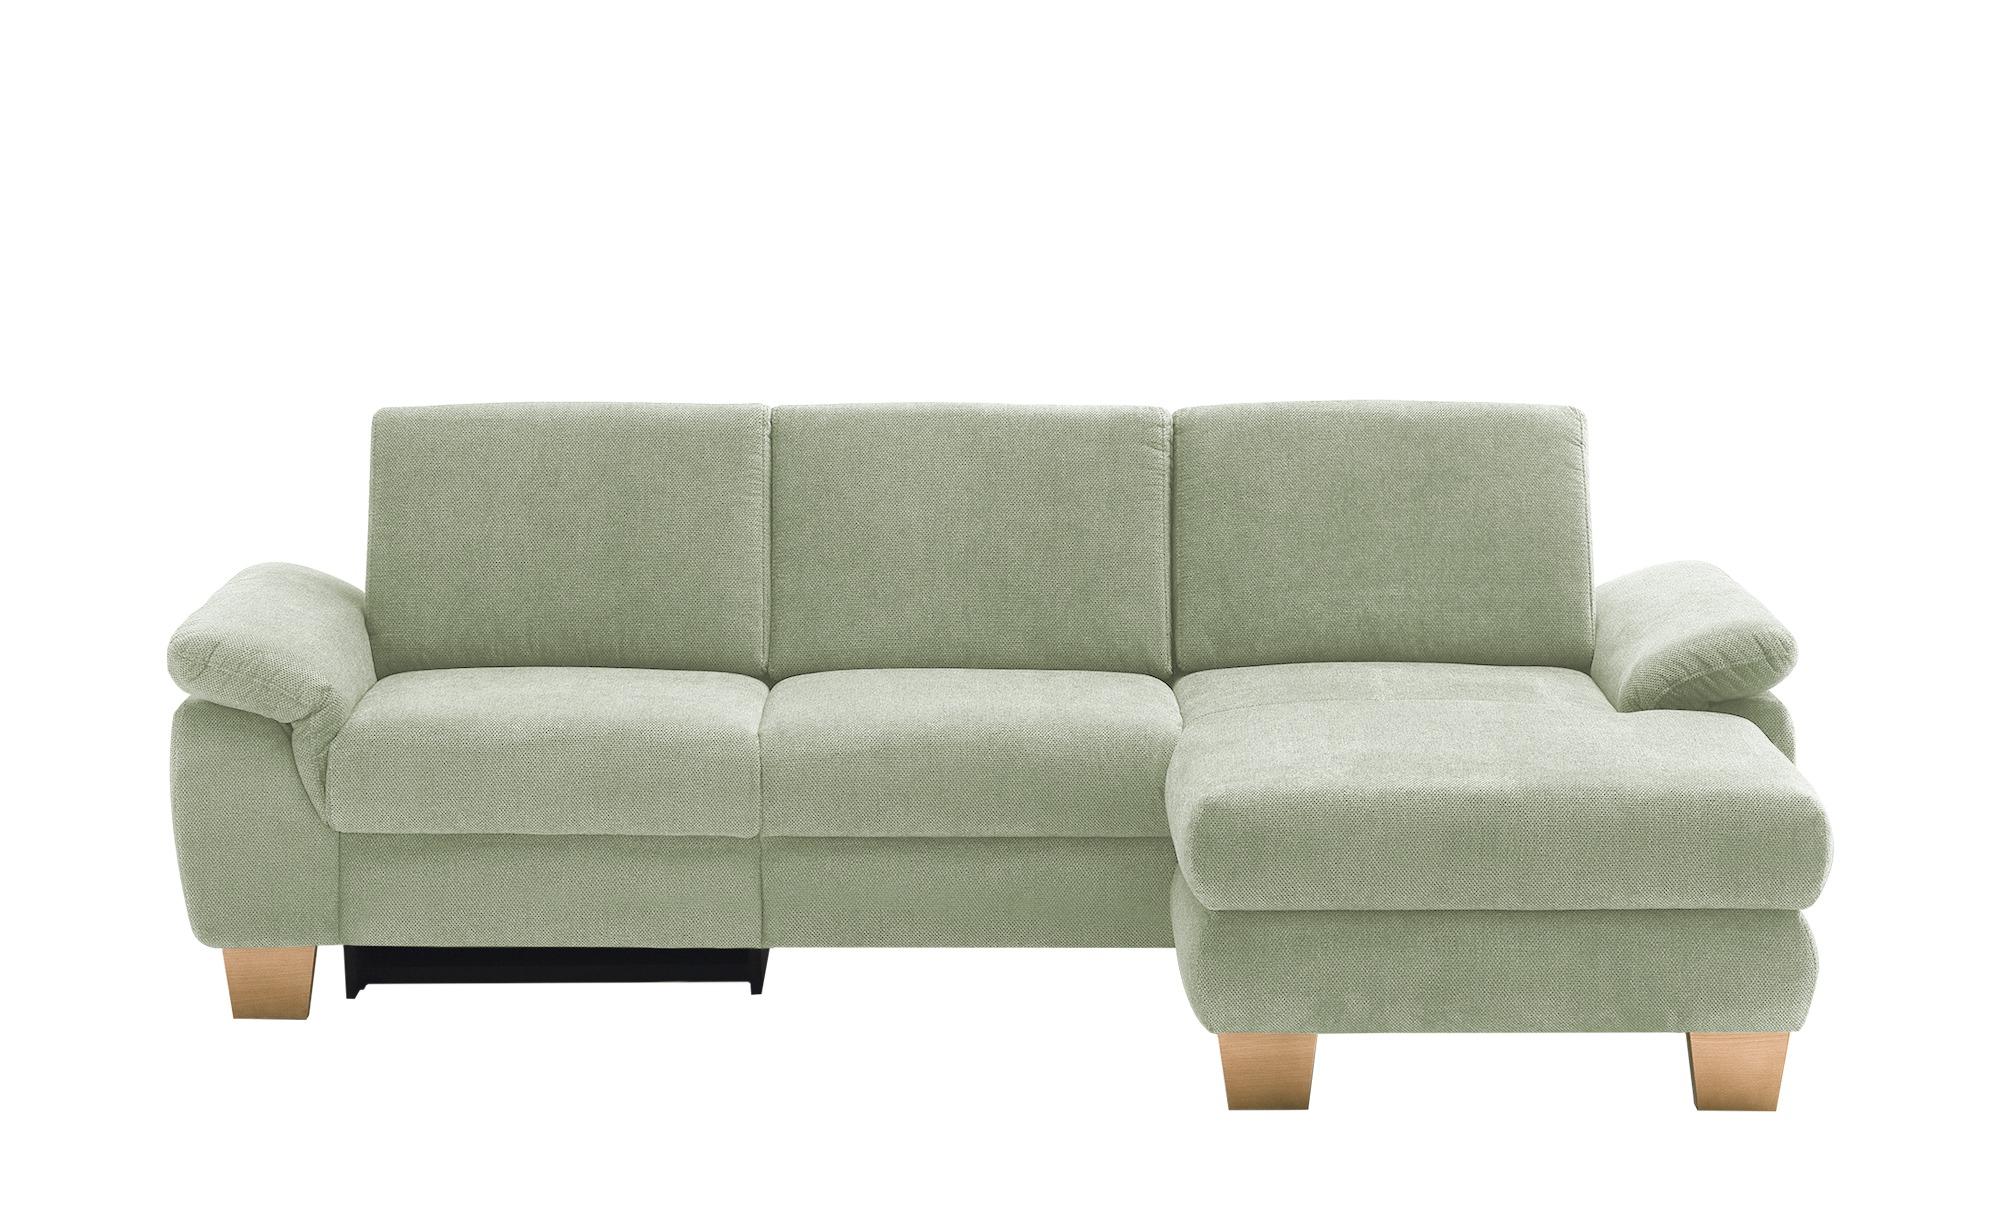 Ecksofa mit Funktion  Cosima ¦ grün ¦ Maße (cm): H: 86 Polstermöbel > Sofas > Ecksofas - Höffner